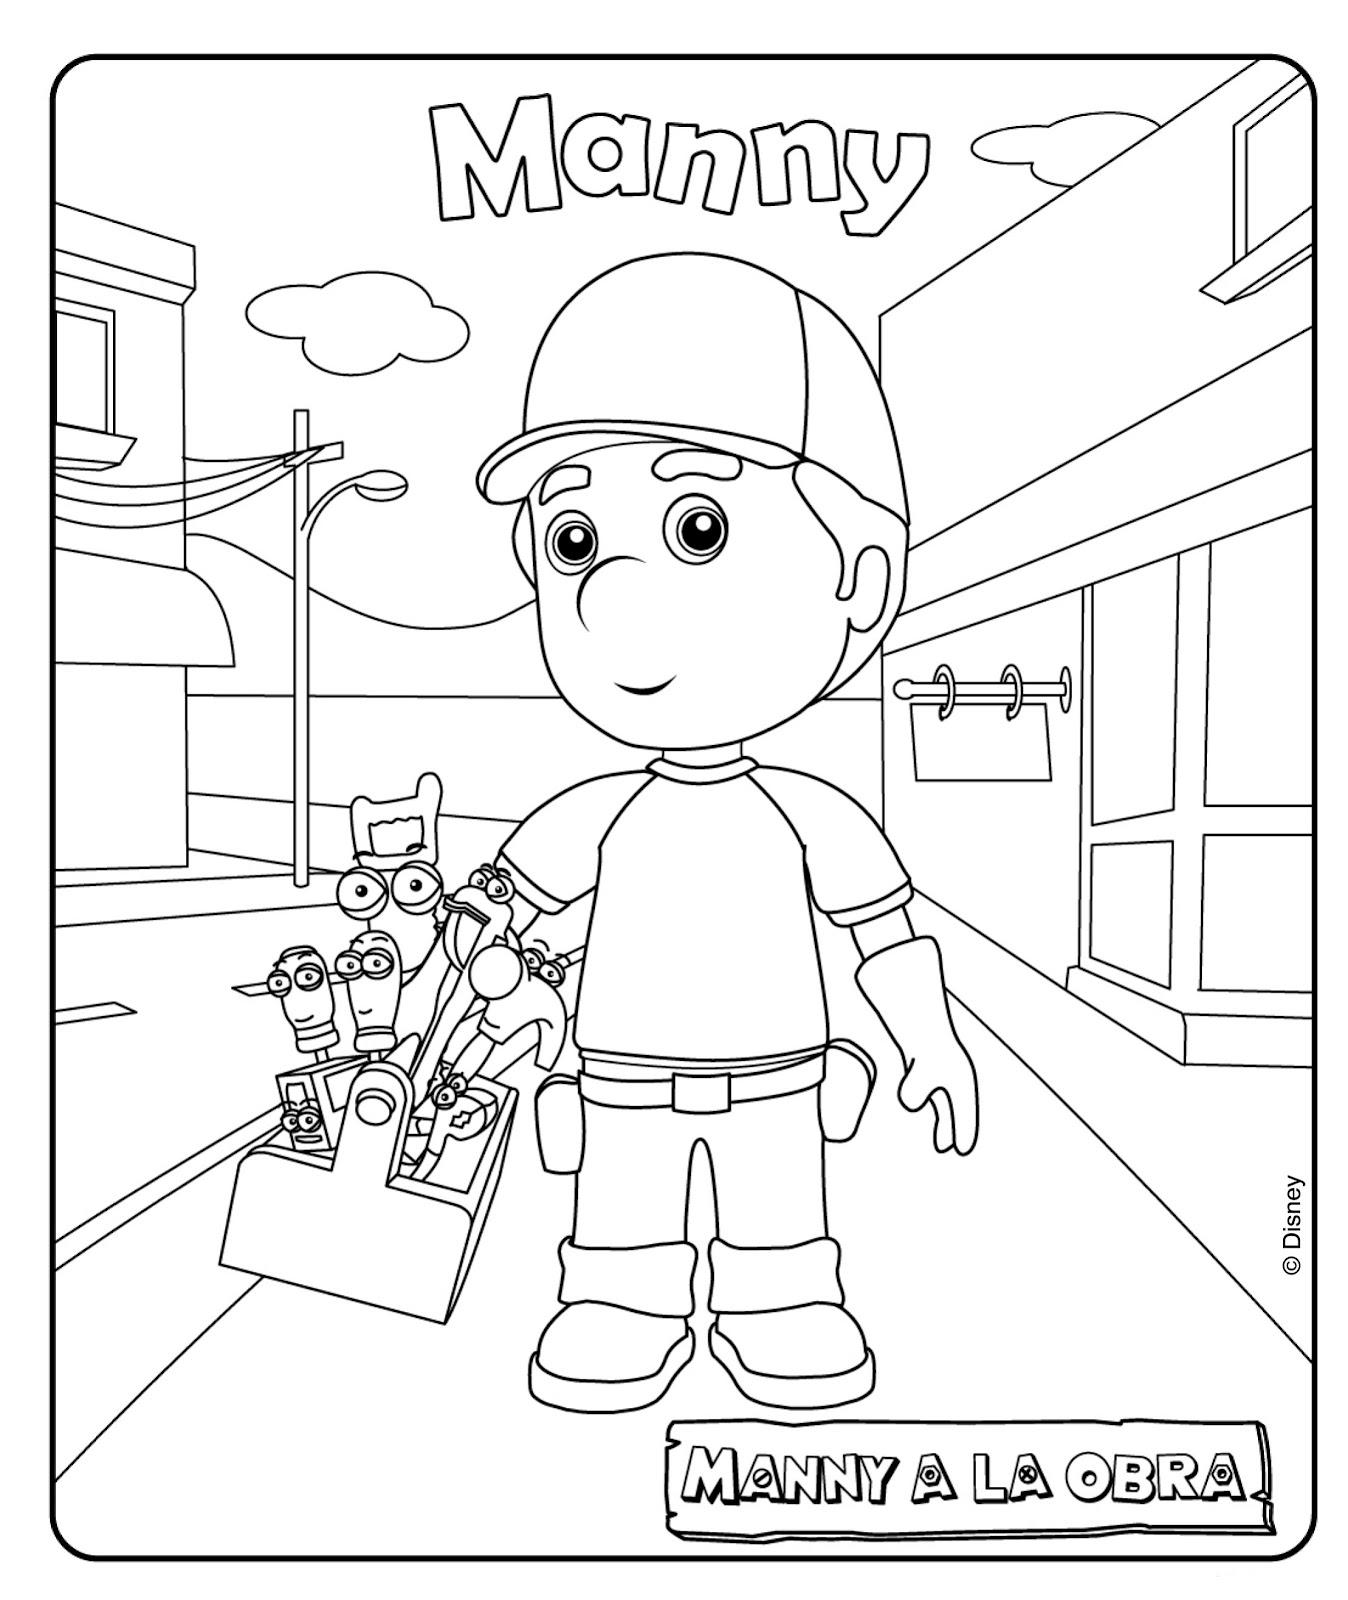 Dibujos de Manny a la obra para colorear | Dibujos Para Colorear